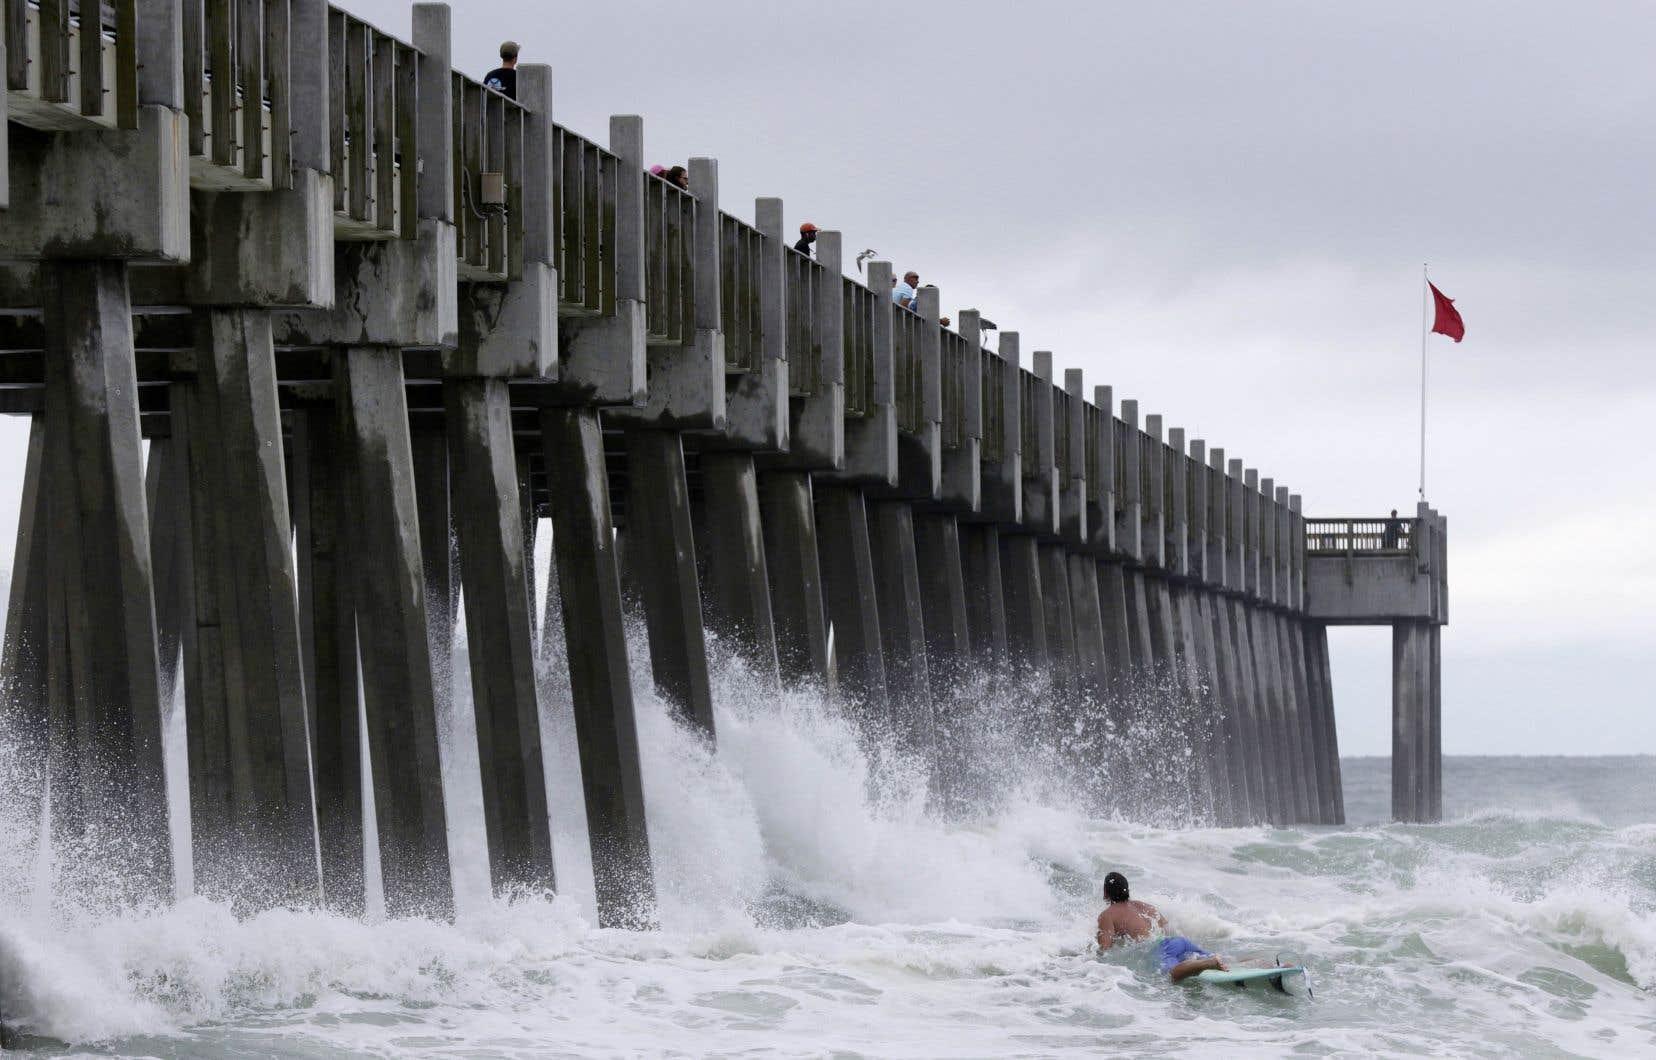 Des conditions météorologiques difficiles sont prévues dans l'est et le nord de la côte du golfe du Mexique jusqu'à mardi.